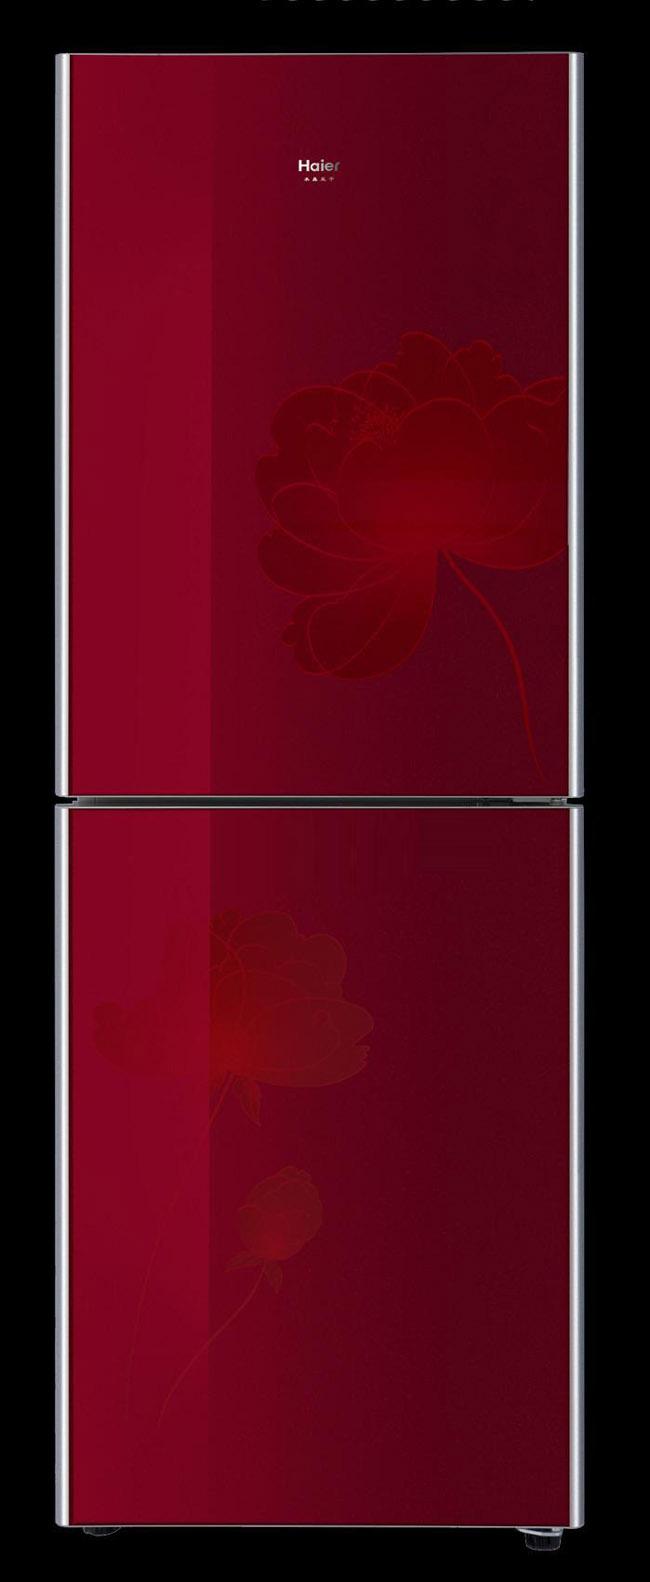 bcd-206tcx(新钻石红) - 海尔冰箱 - 索尼电视固原